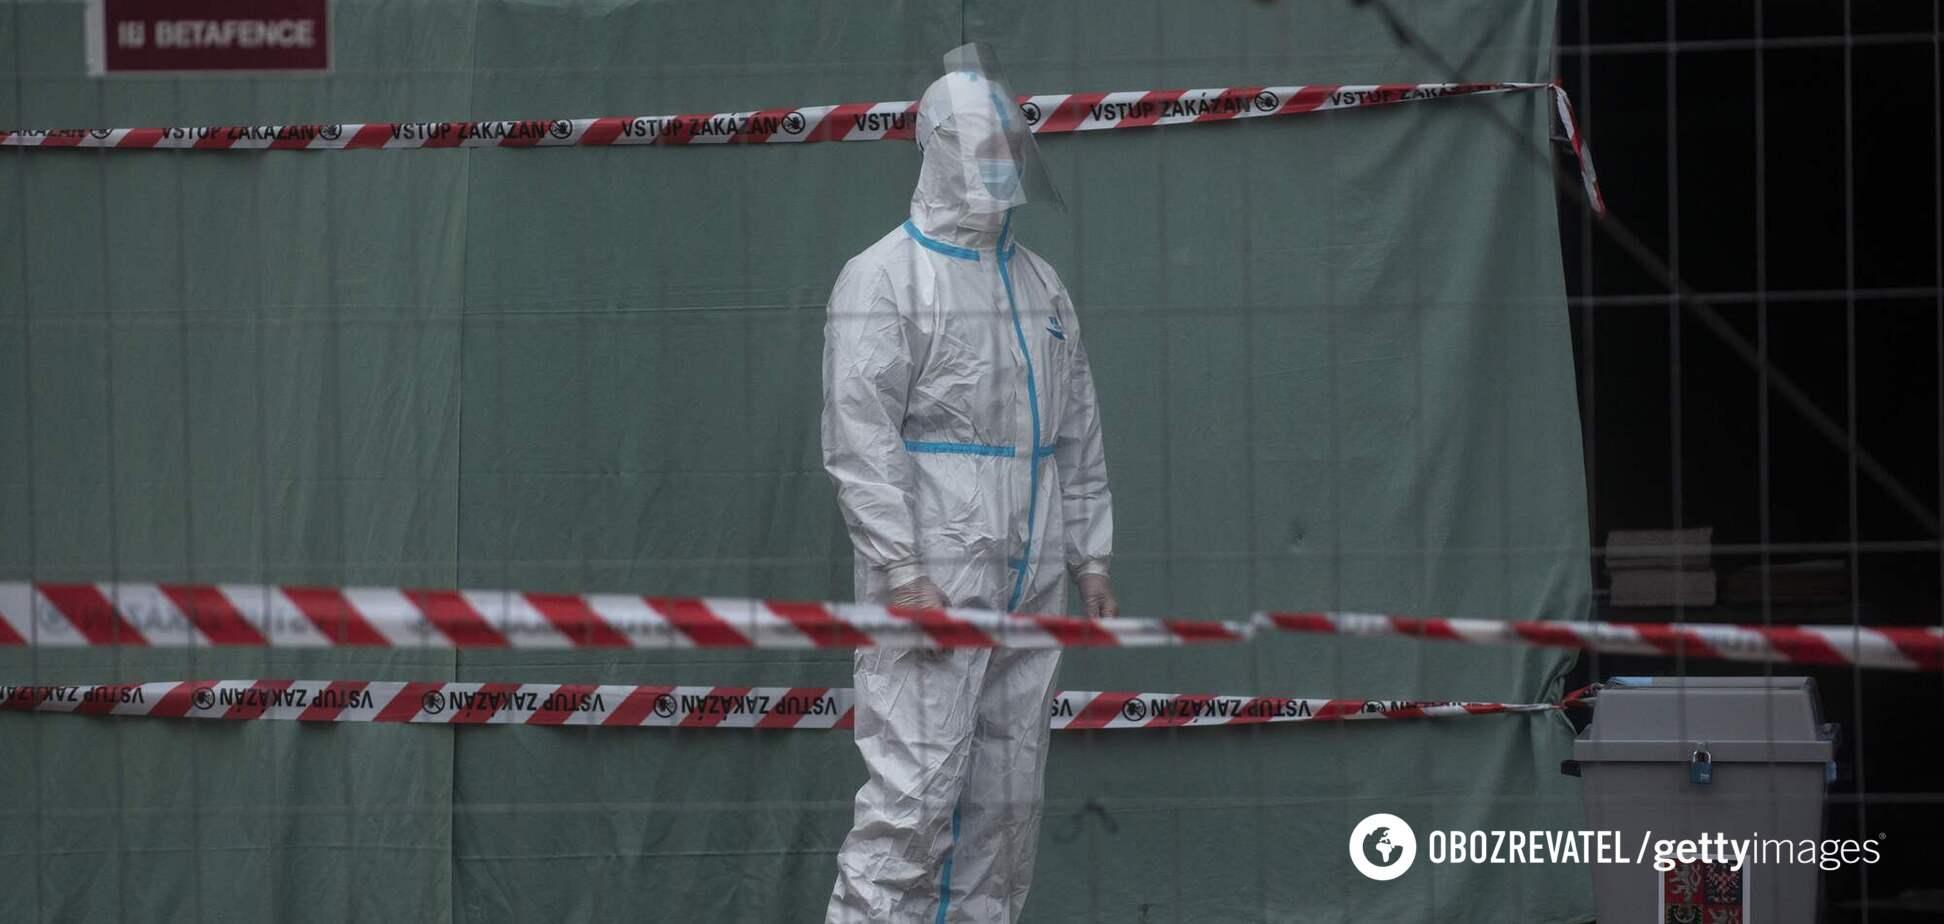 Європа знову посилює карантин через COVID-19, незважаючи на вакцинацію: яка ситуація